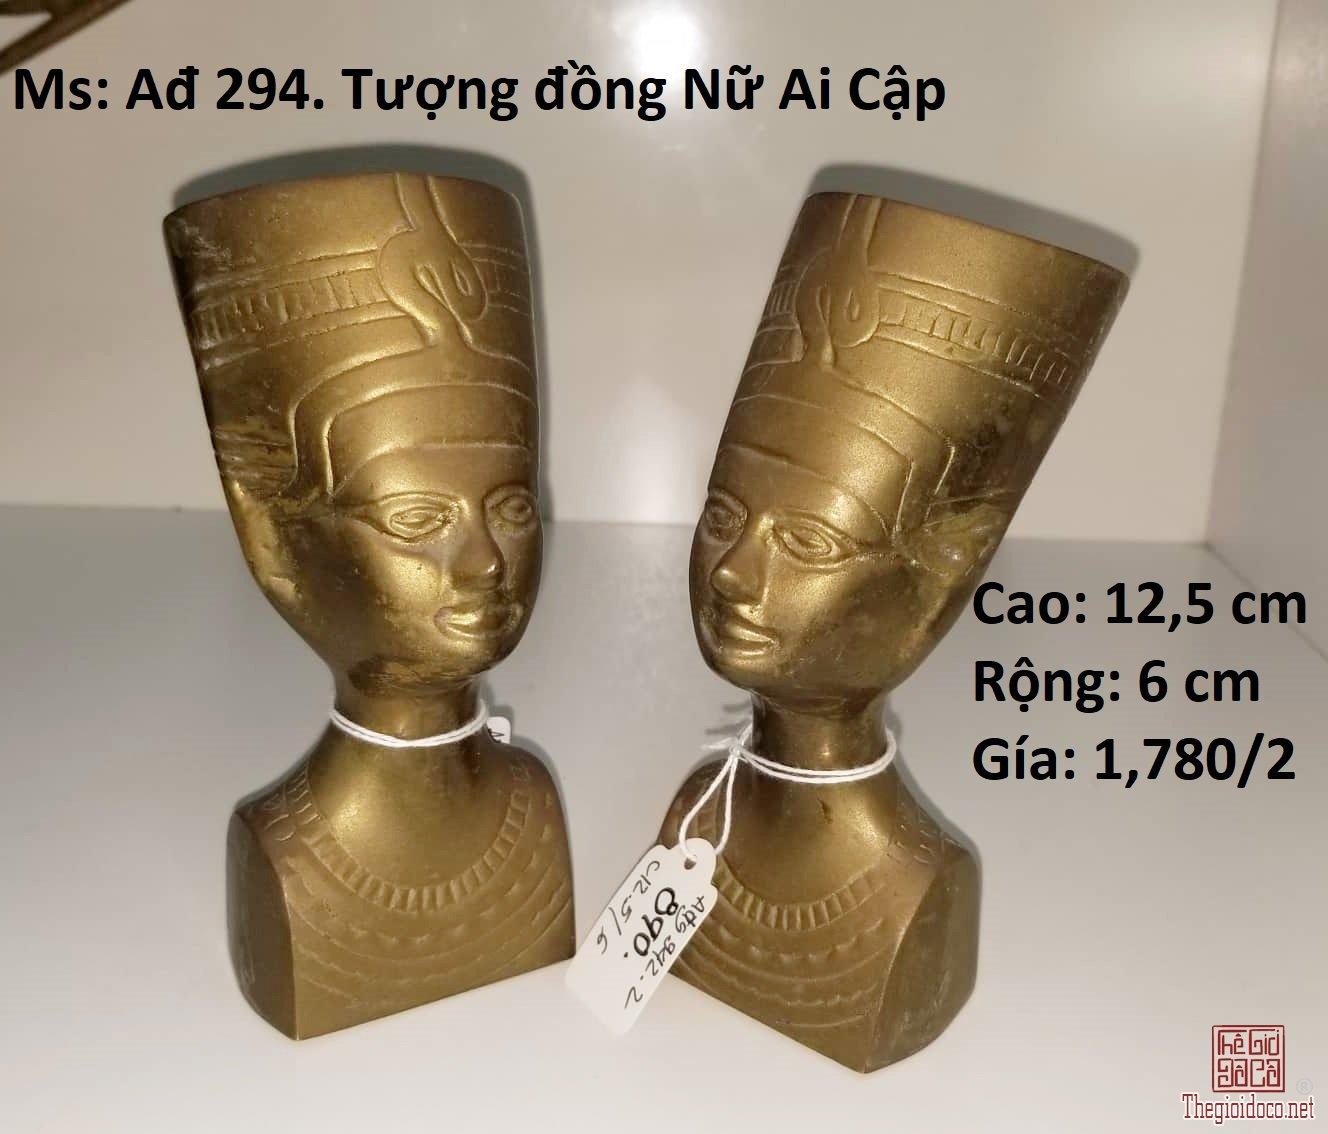 Cặp tượng nữ Ai Cập bằng đồng nguyên khối.